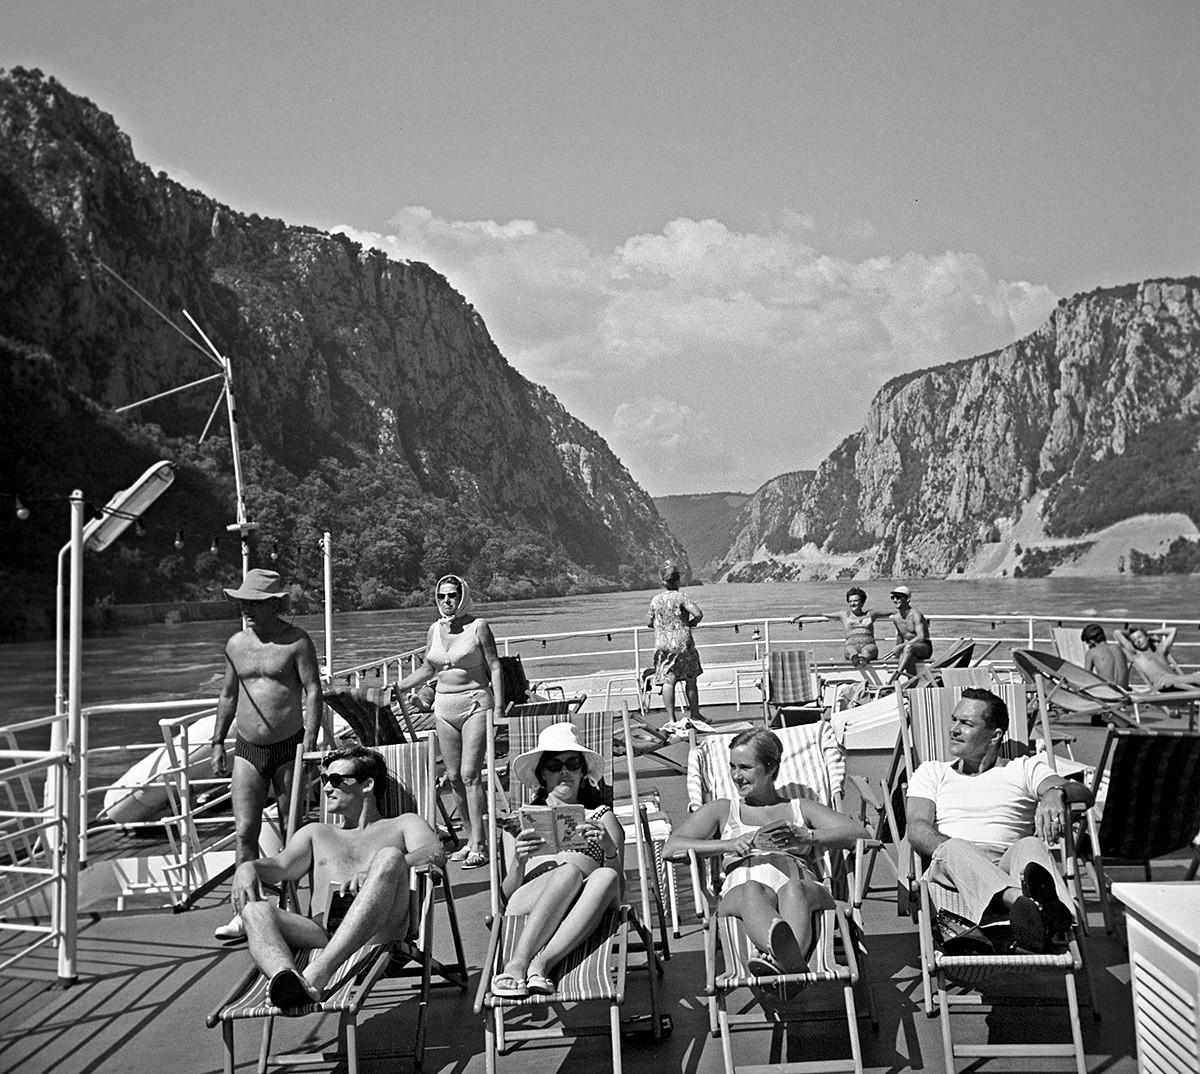 Turis di geladak kapal saat berlayar di sepanjang Danube, 1969.